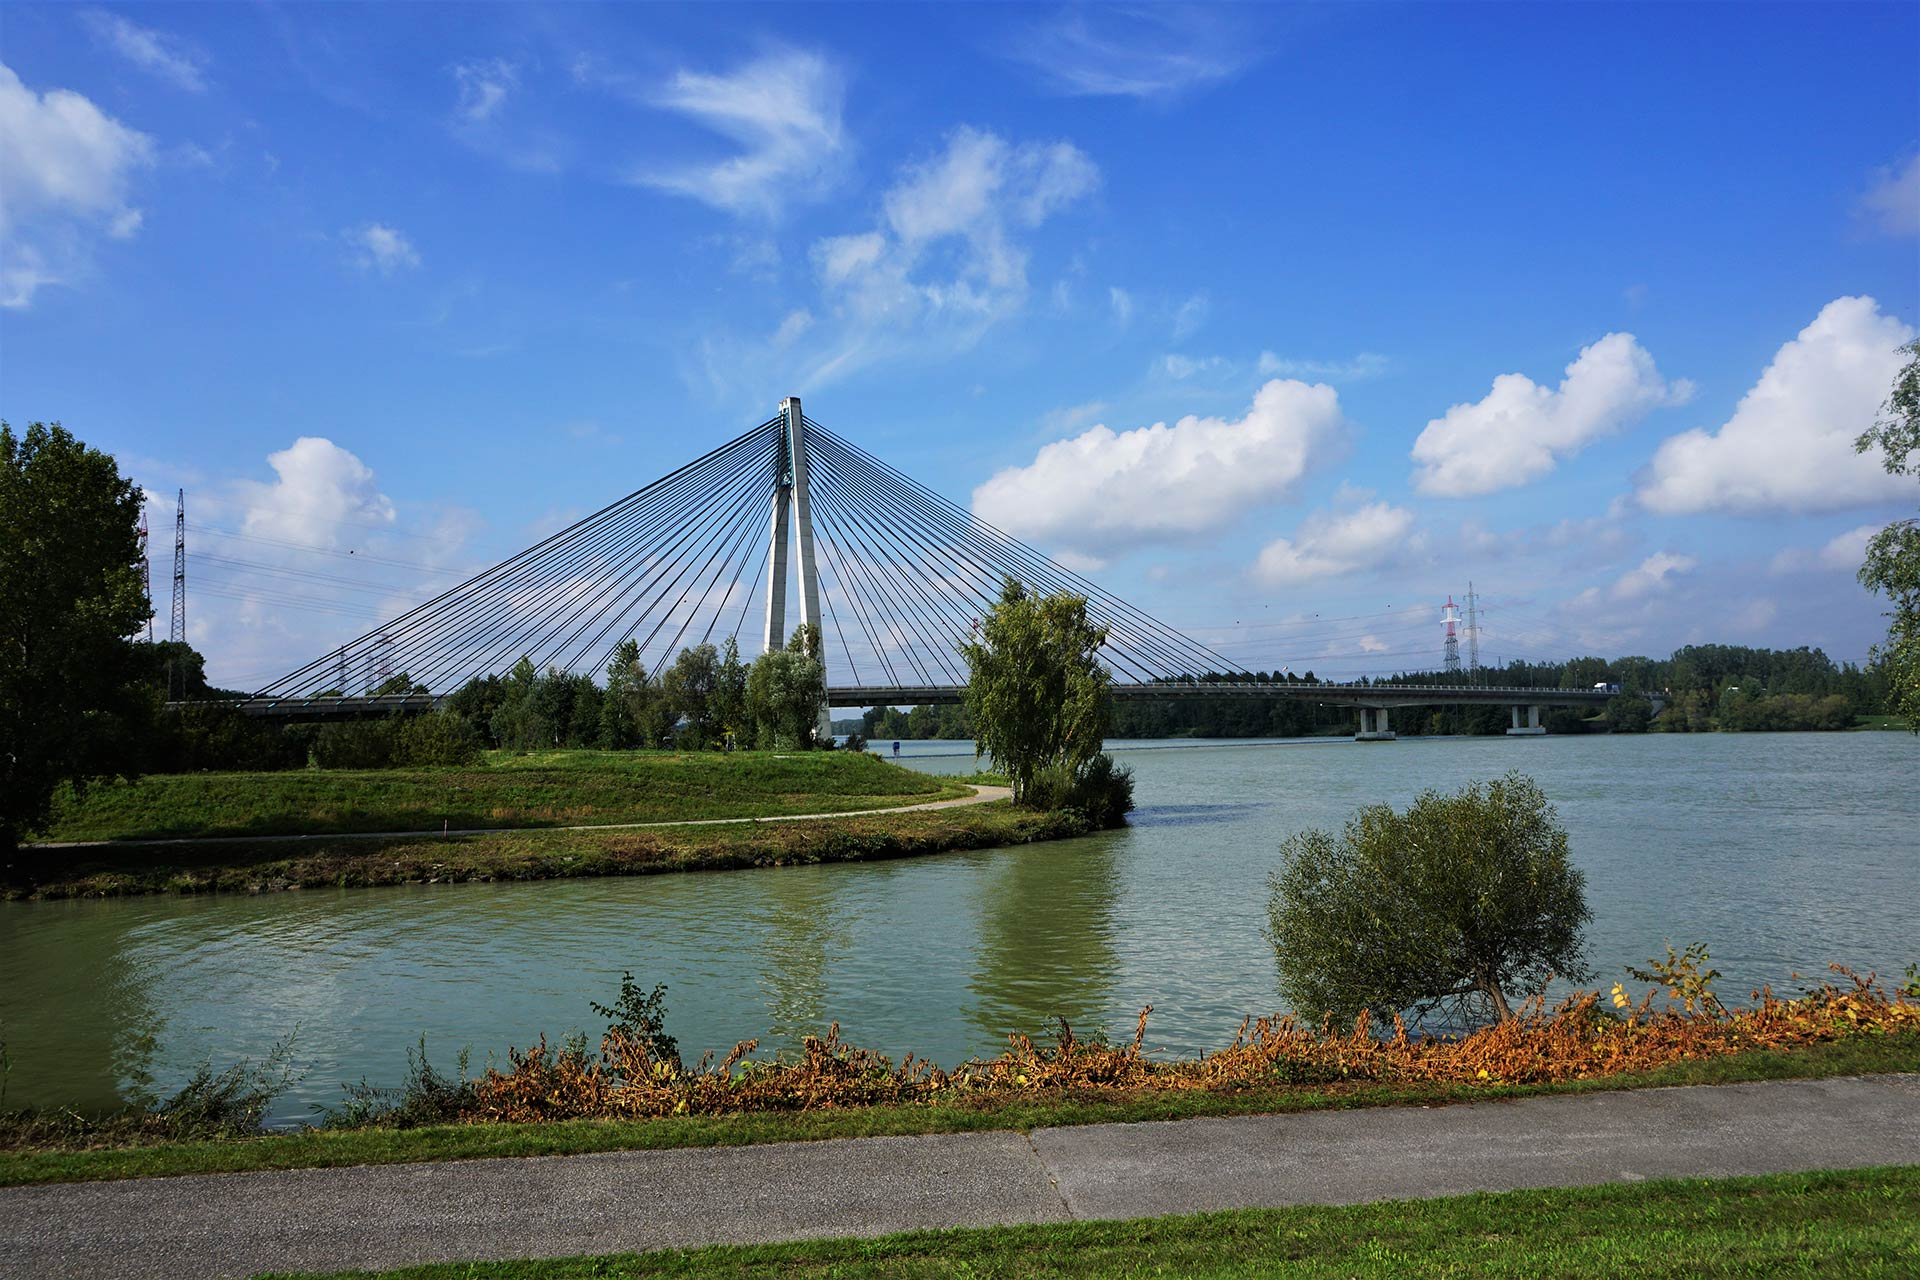 La ciclovia del Danubio in prossimità di Tulln (Austria). Il percorso ciclabile sull'argine nord del fiume riparte dal lato opposto del ponte.